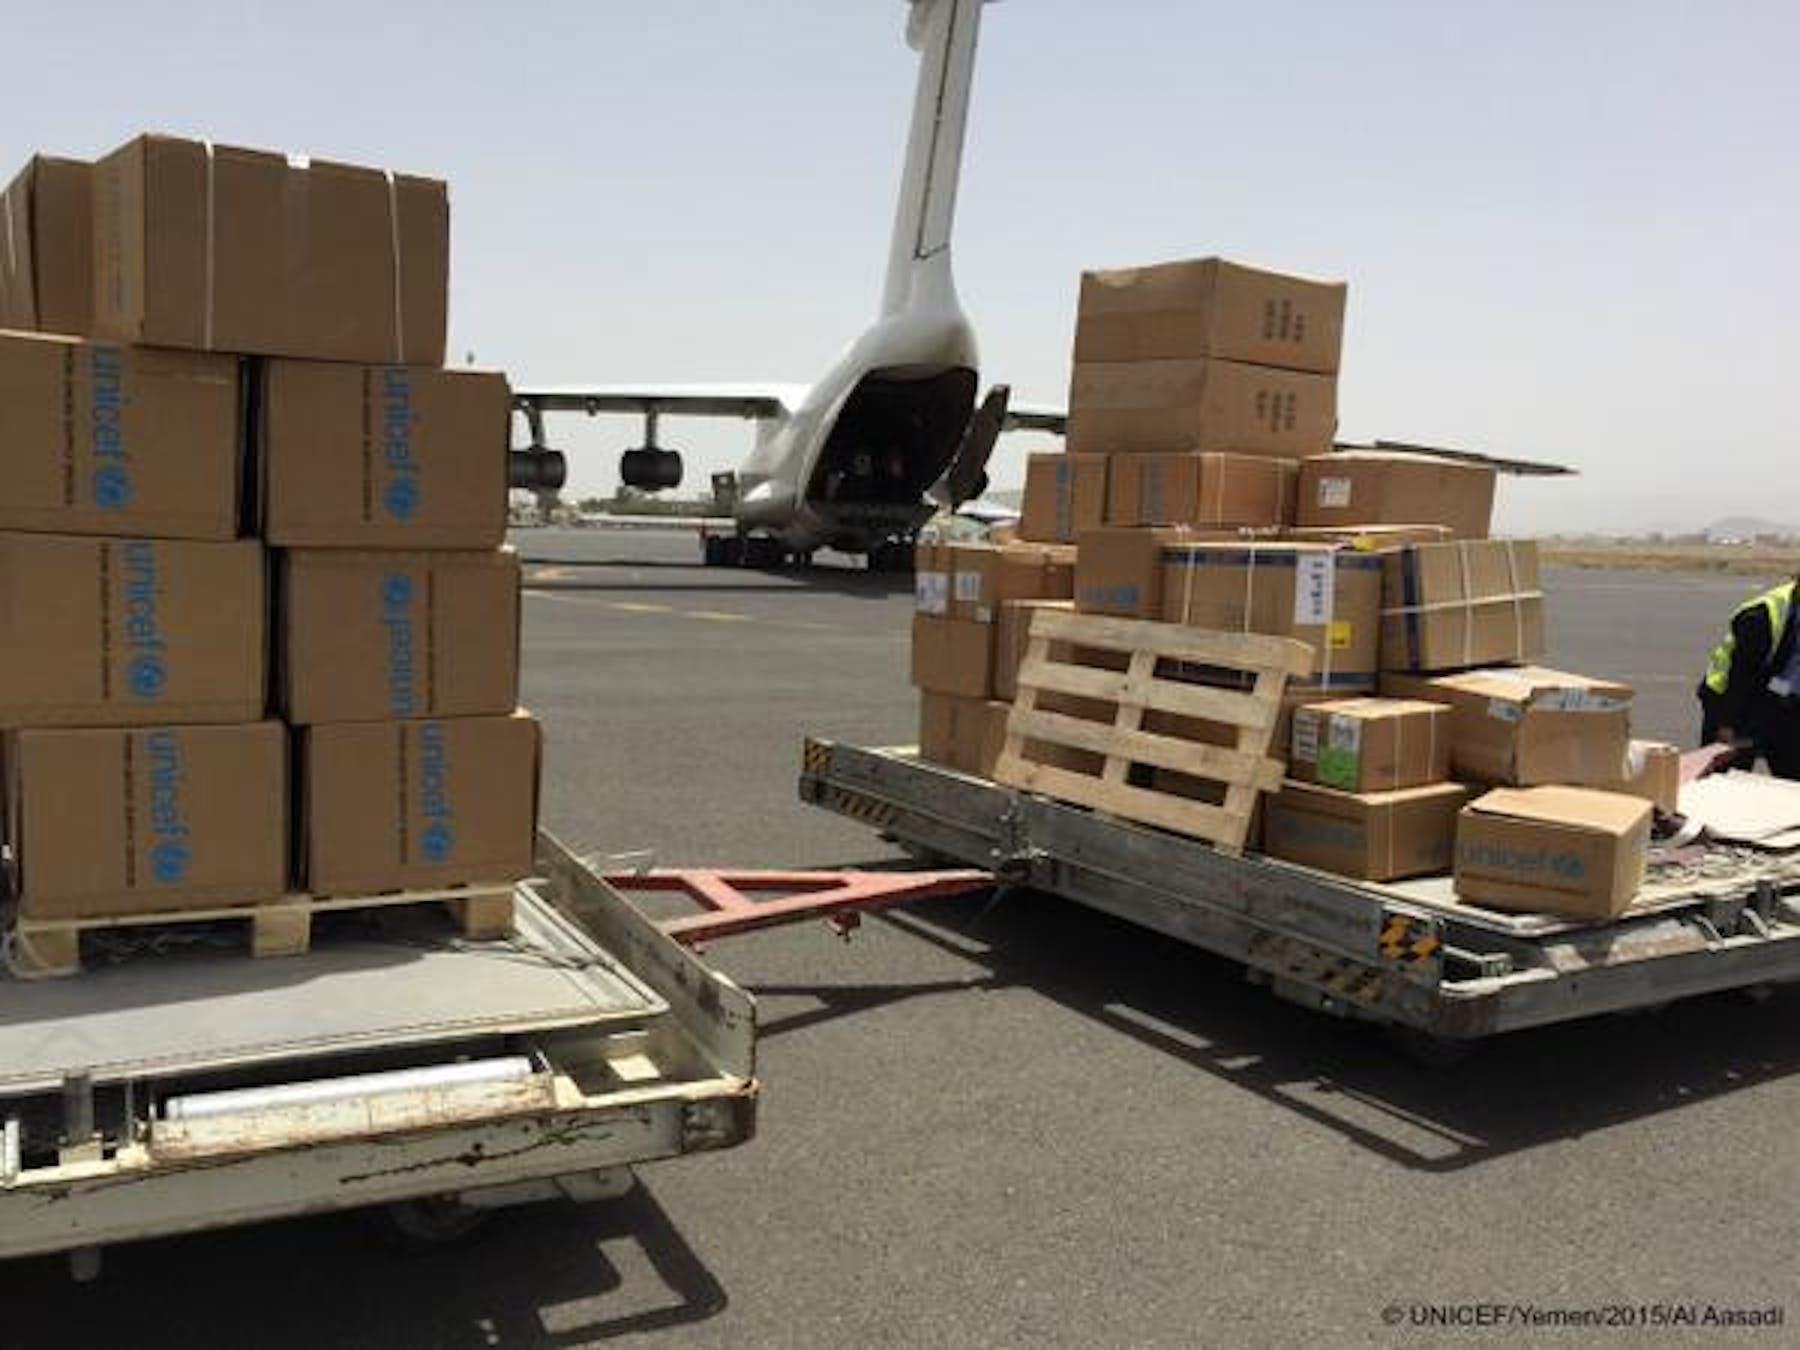 Il volo umanitario dell'UNICEF atterrato all'aeroporto di Sana'a, capitale dello Yemen - ©UNICEF Yemen/2015/Al Assadi